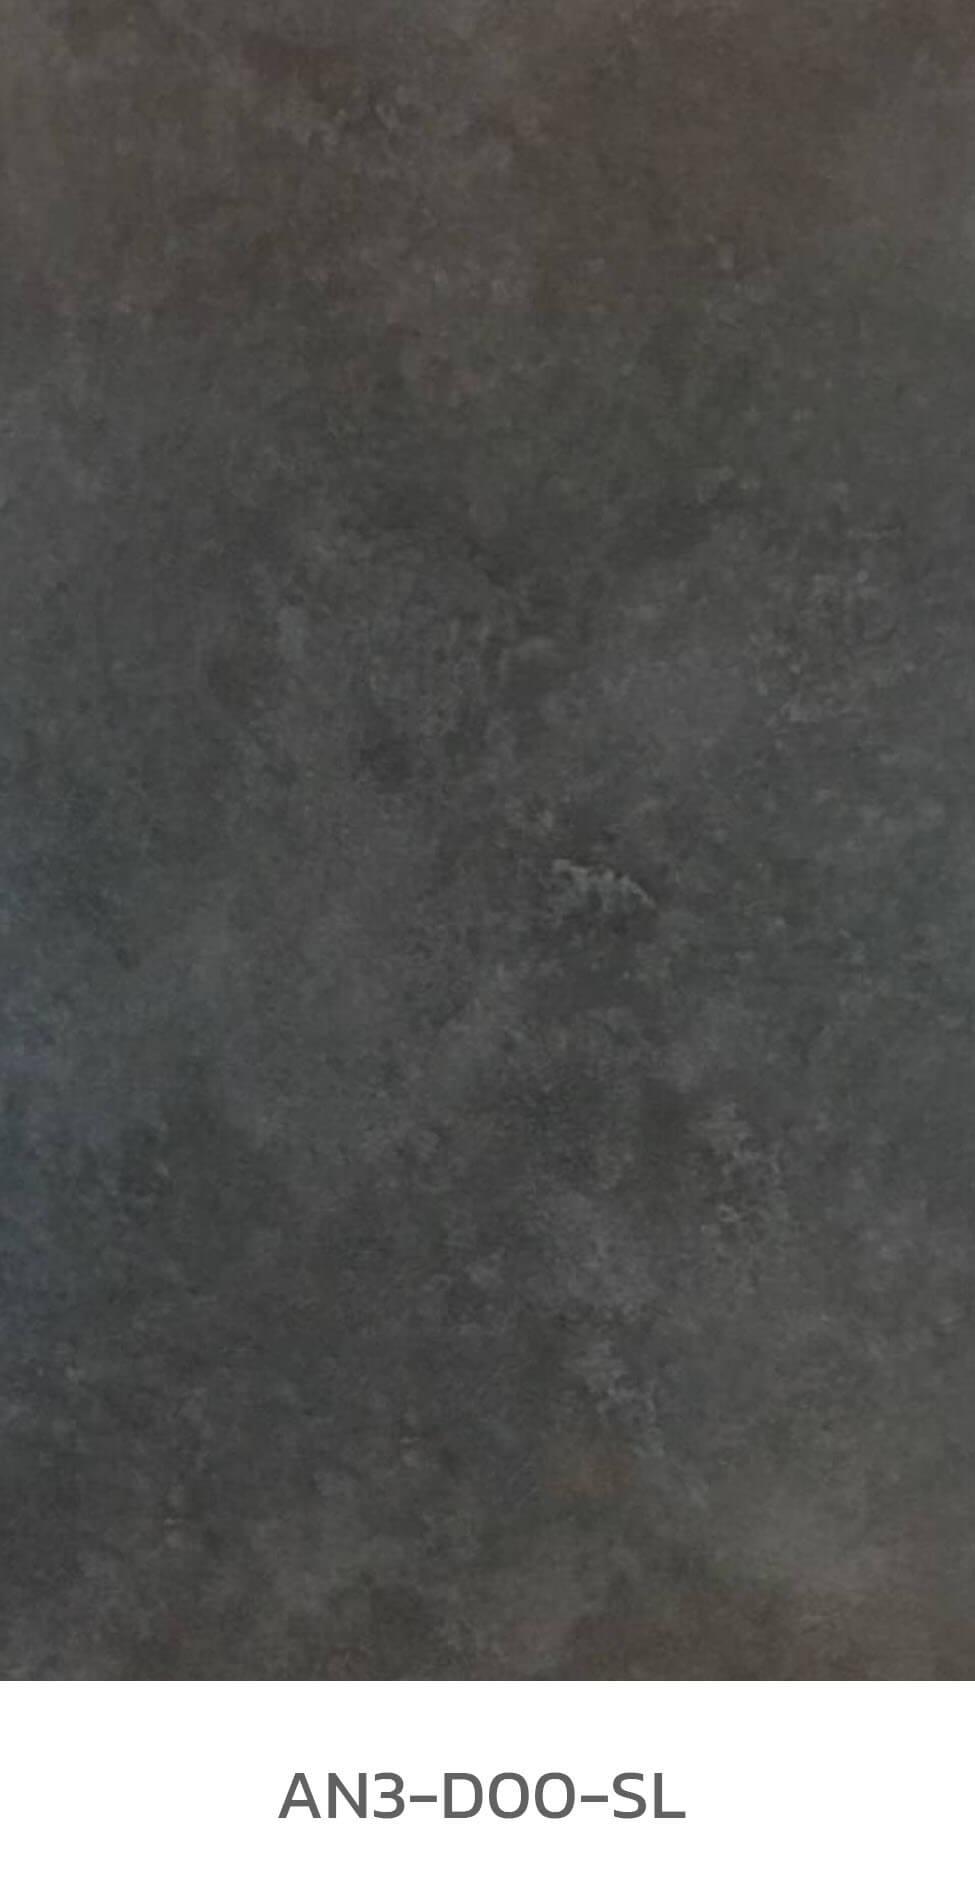 AN3-D00-SL